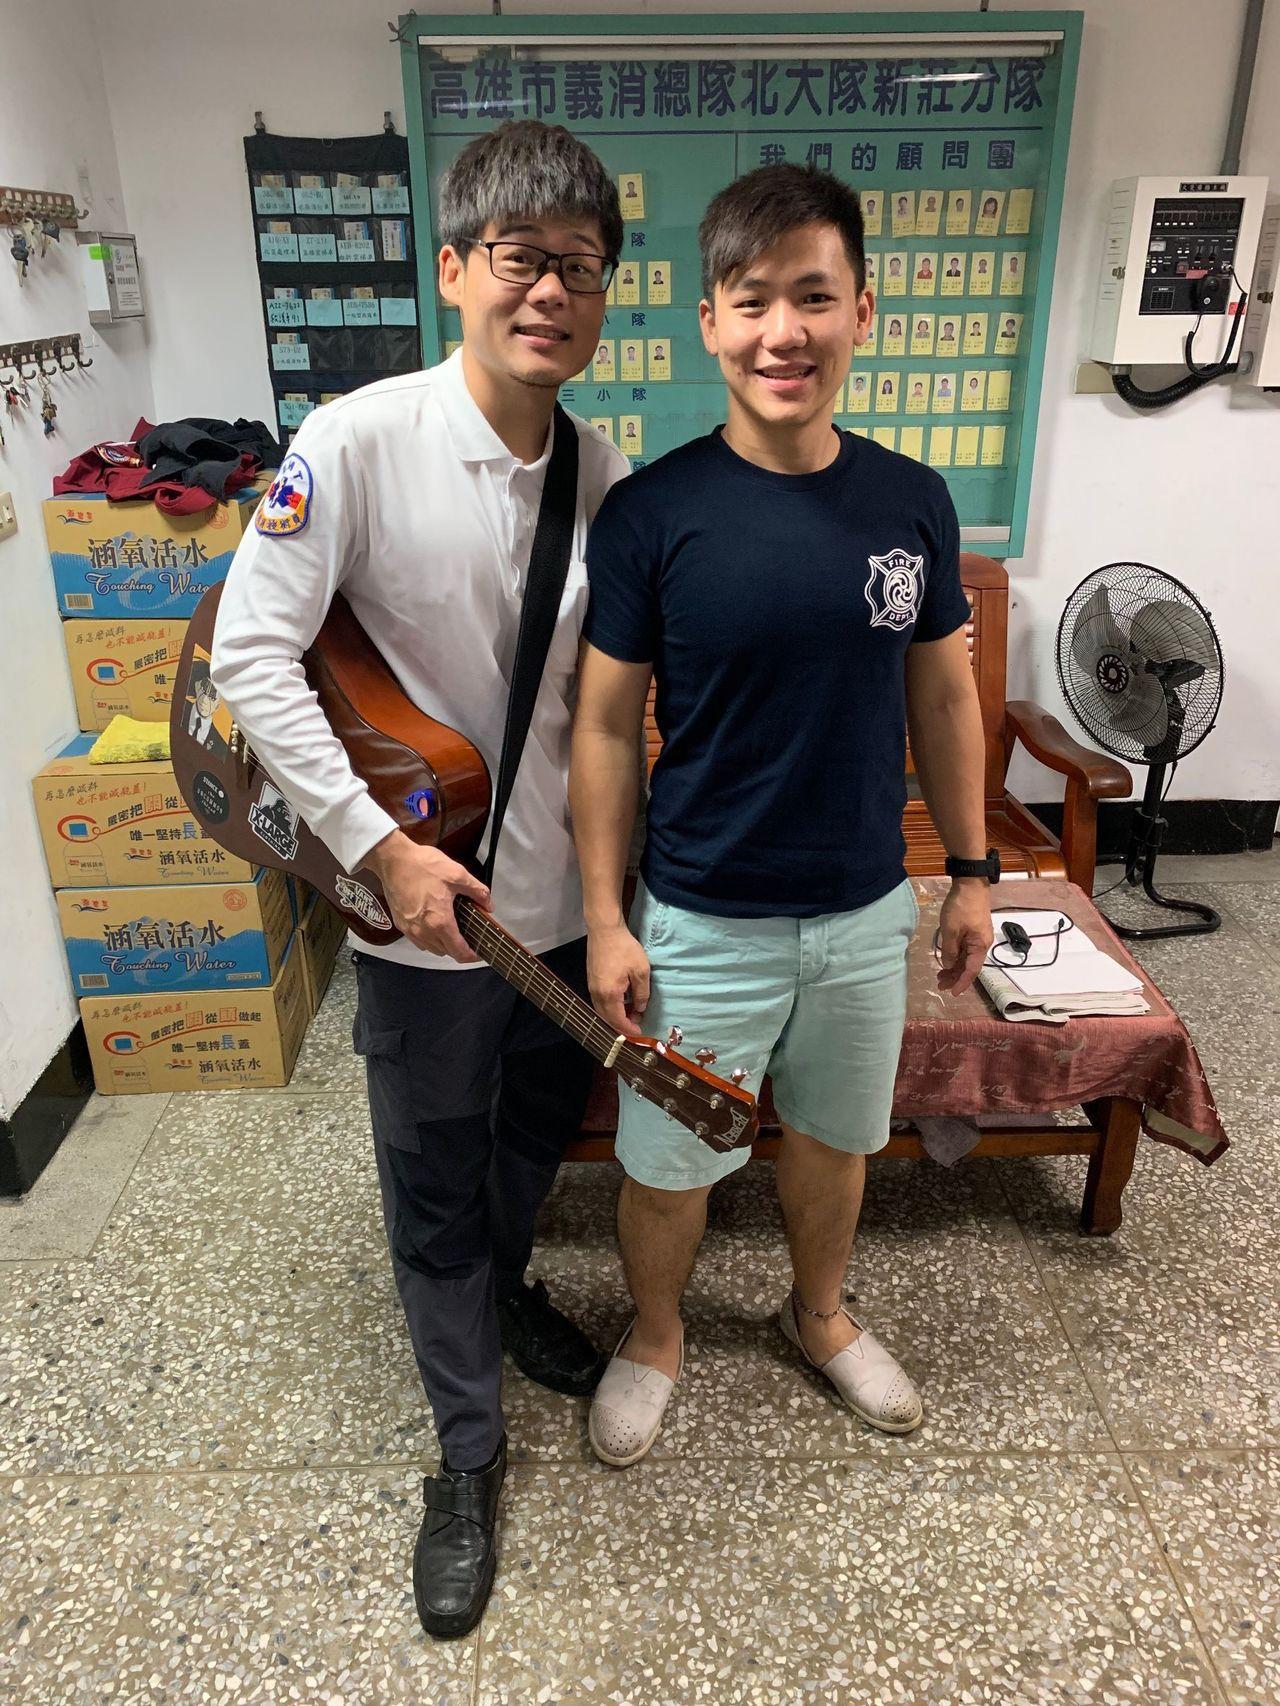 高市消防局新莊分隊隊員陳柏瑞(左)、在台中市消防局任職的哥哥陳銘澤、消防特考班同...